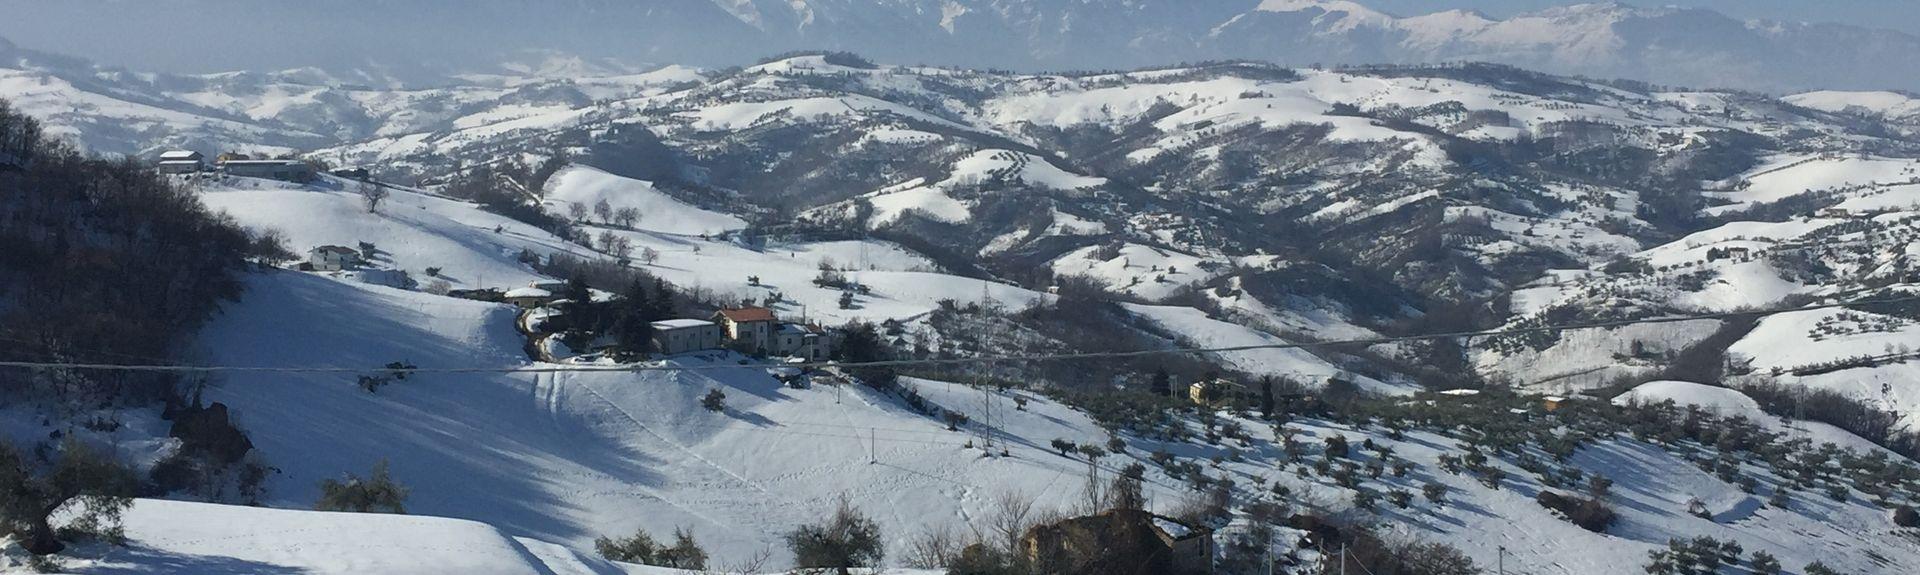 Roseto degli Abruzzi, Abruzzen, Italien